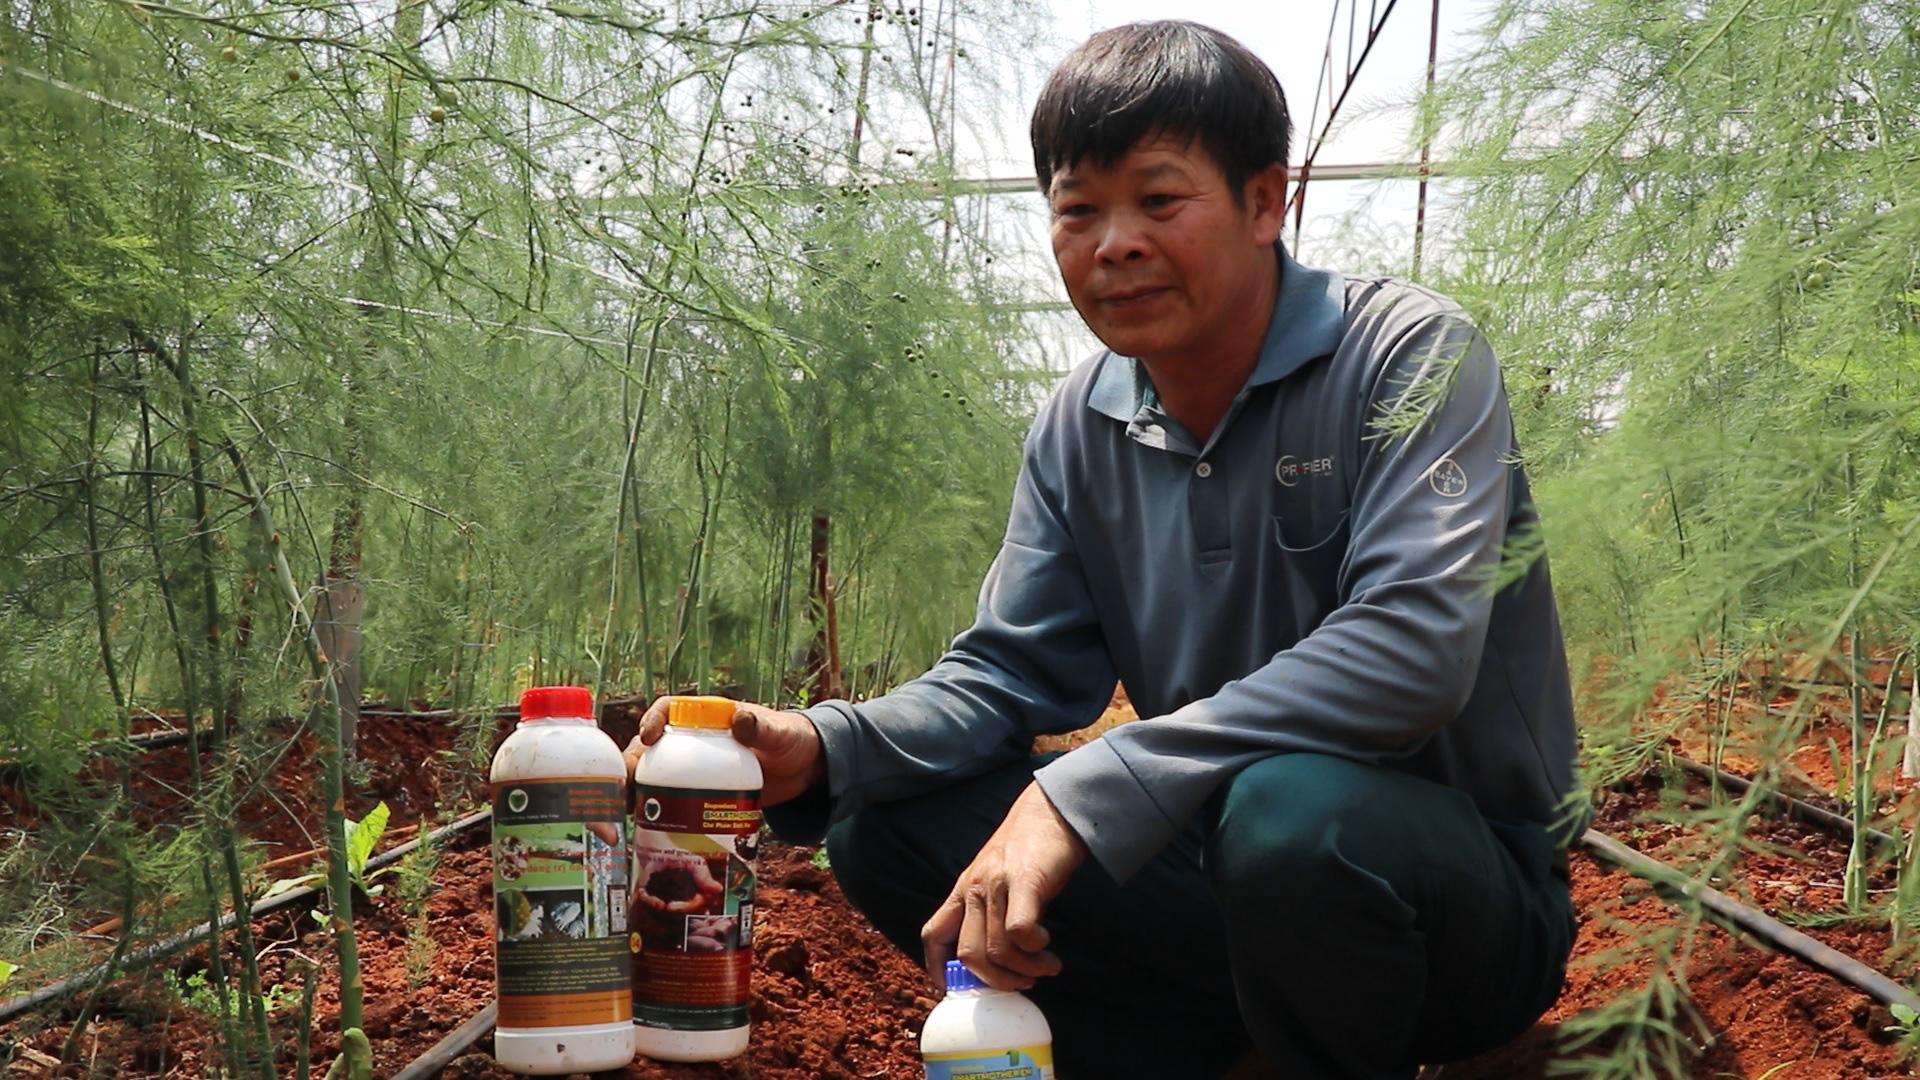 Trồng măng tây xanh, lão nông này có lợi nhuận gấp 4-5 lần cà phê - Ảnh 4.